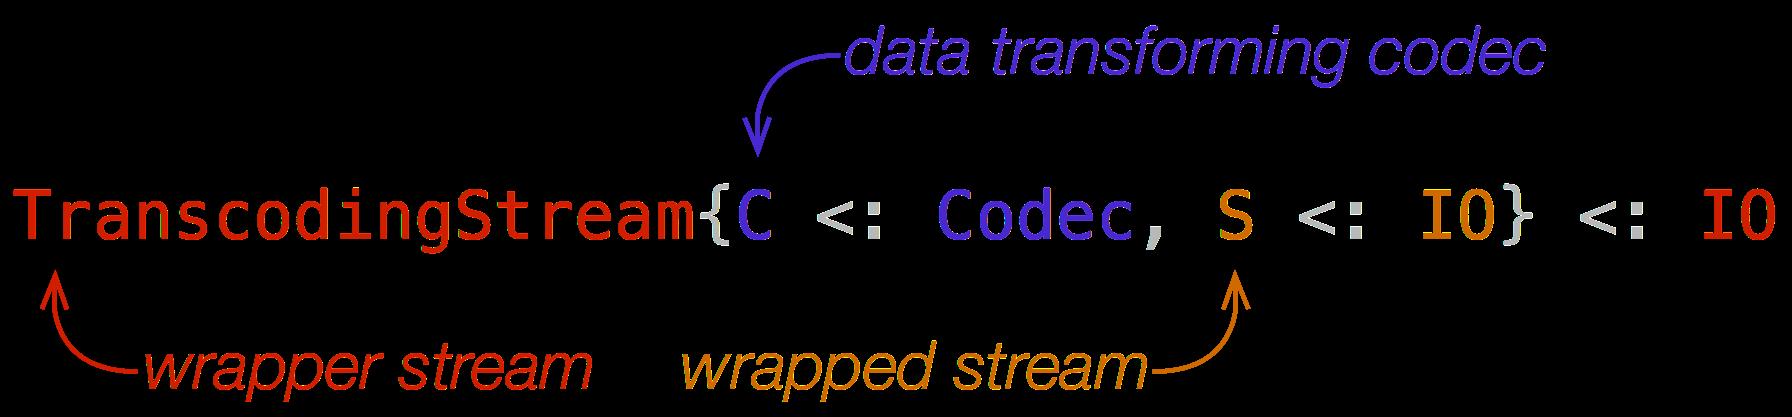 TranscodingStream